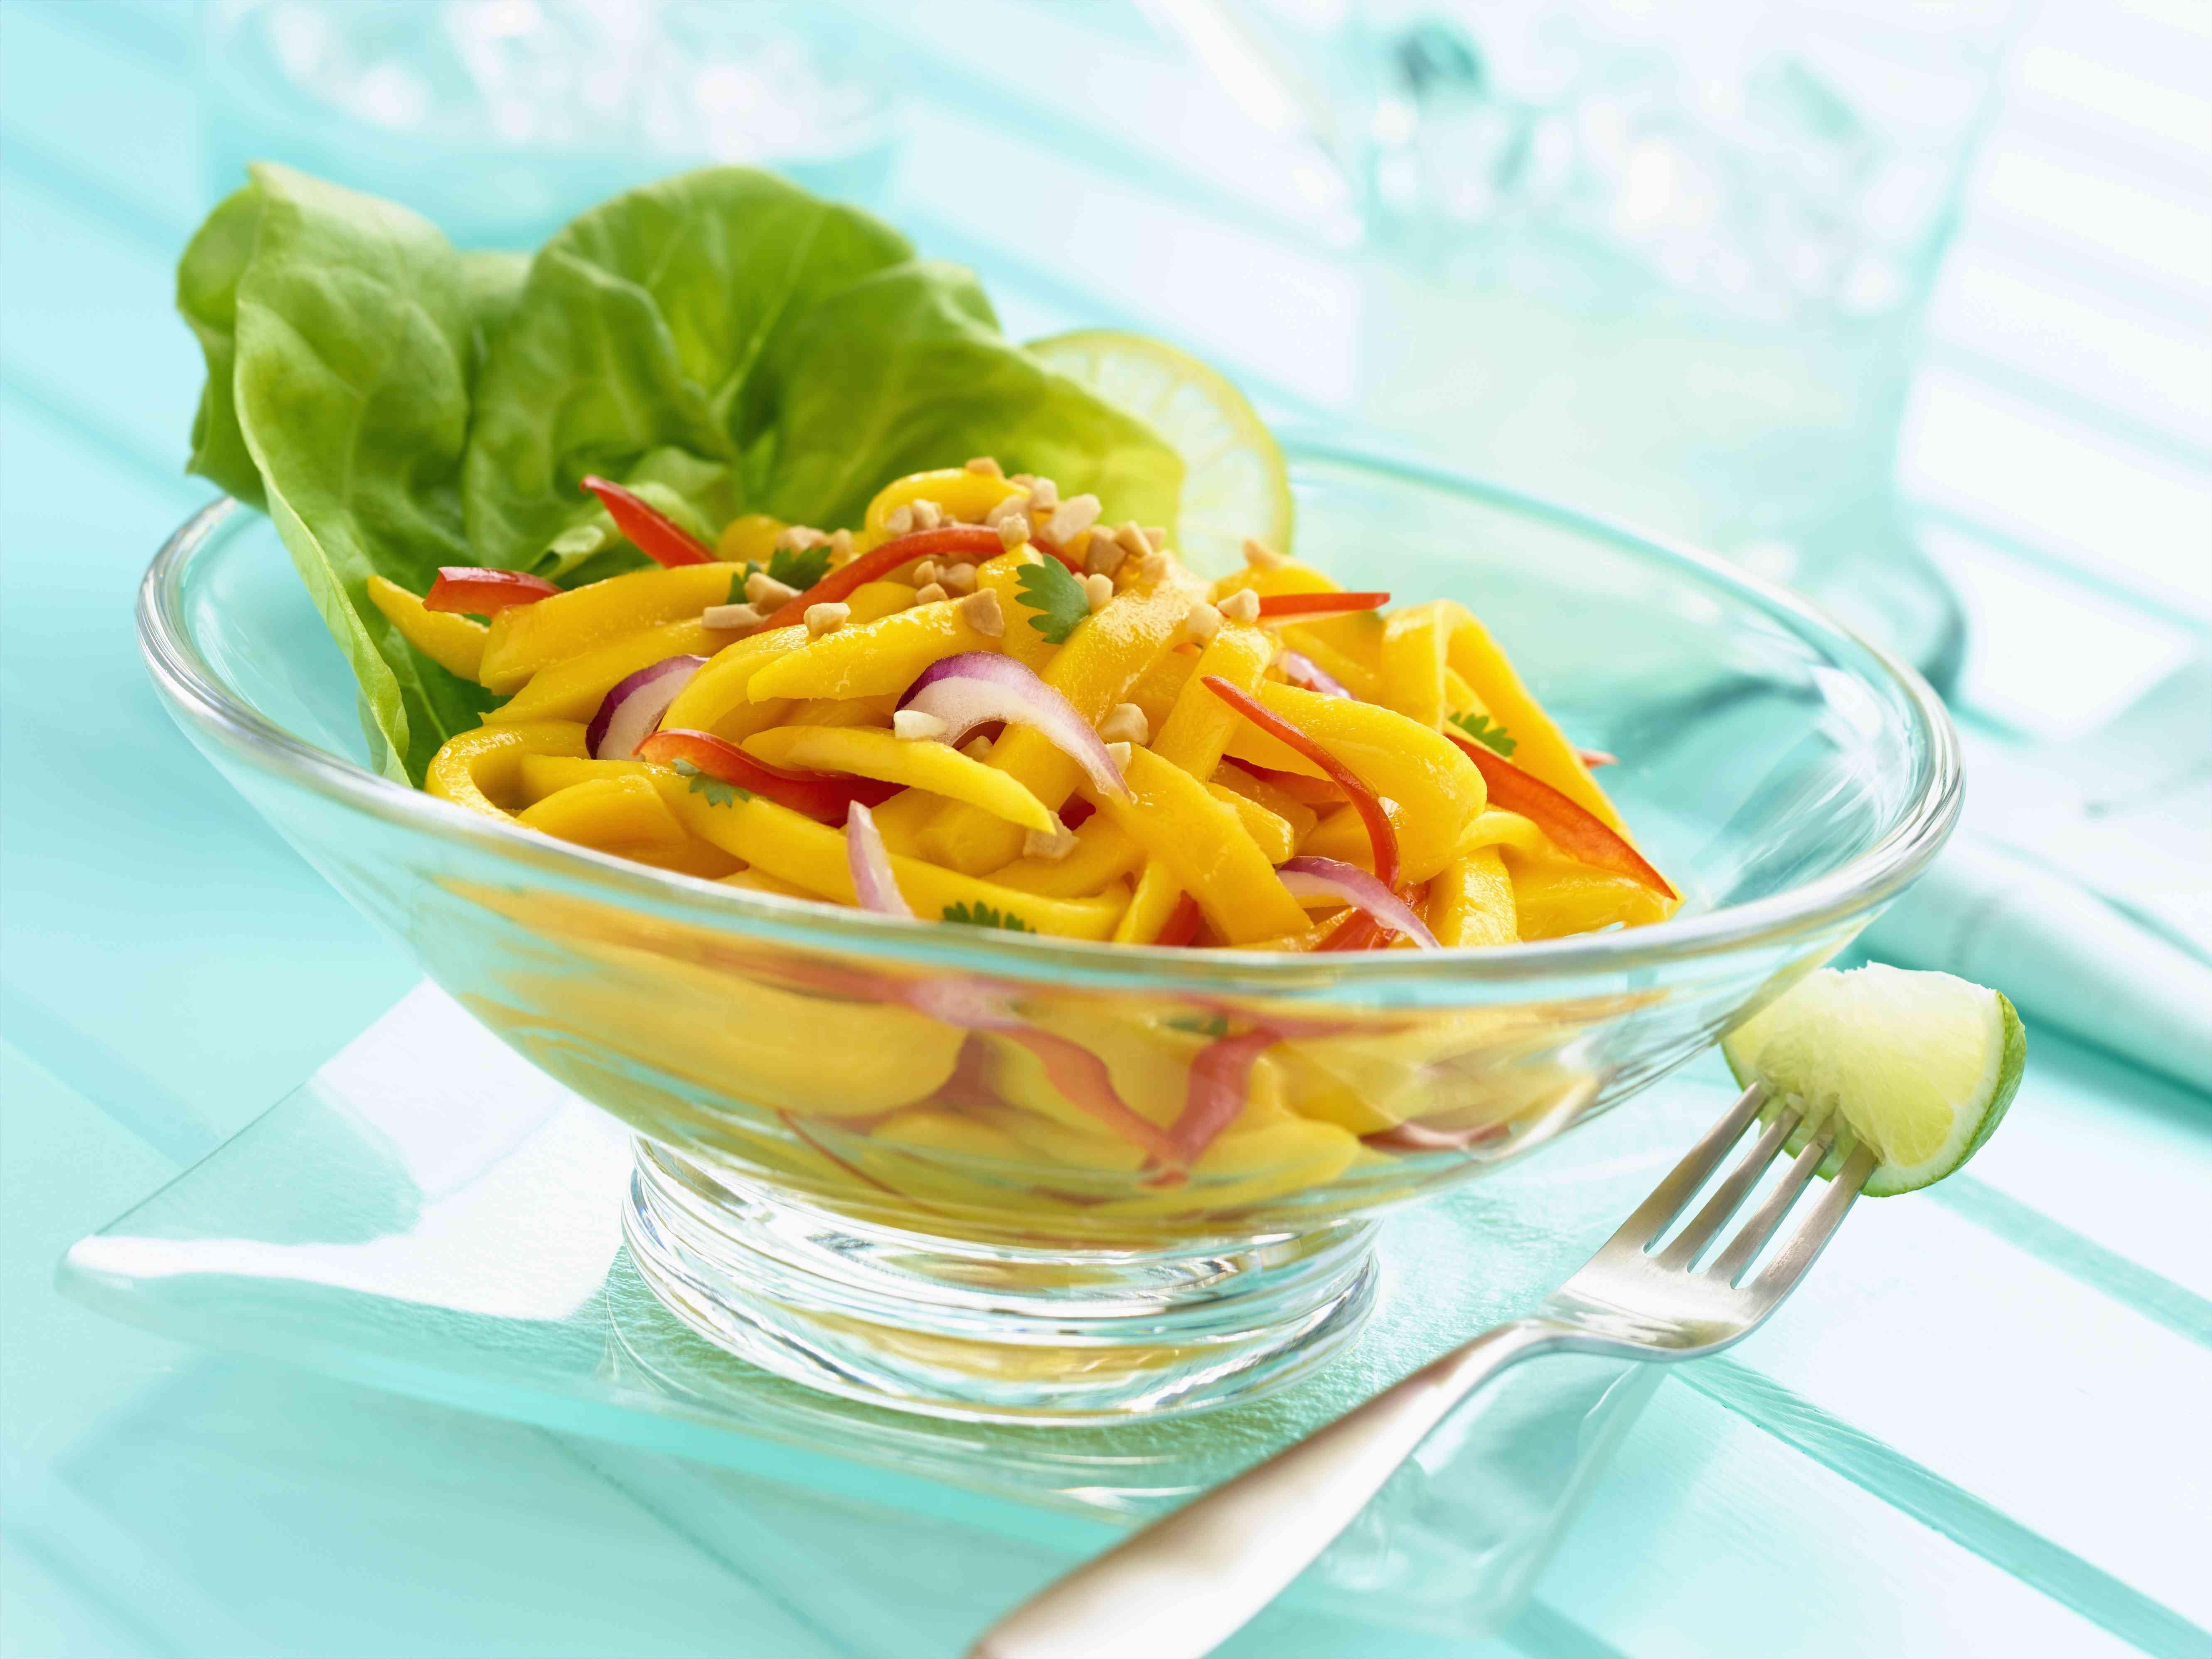 Thai papaya salad in a clear glass bowl